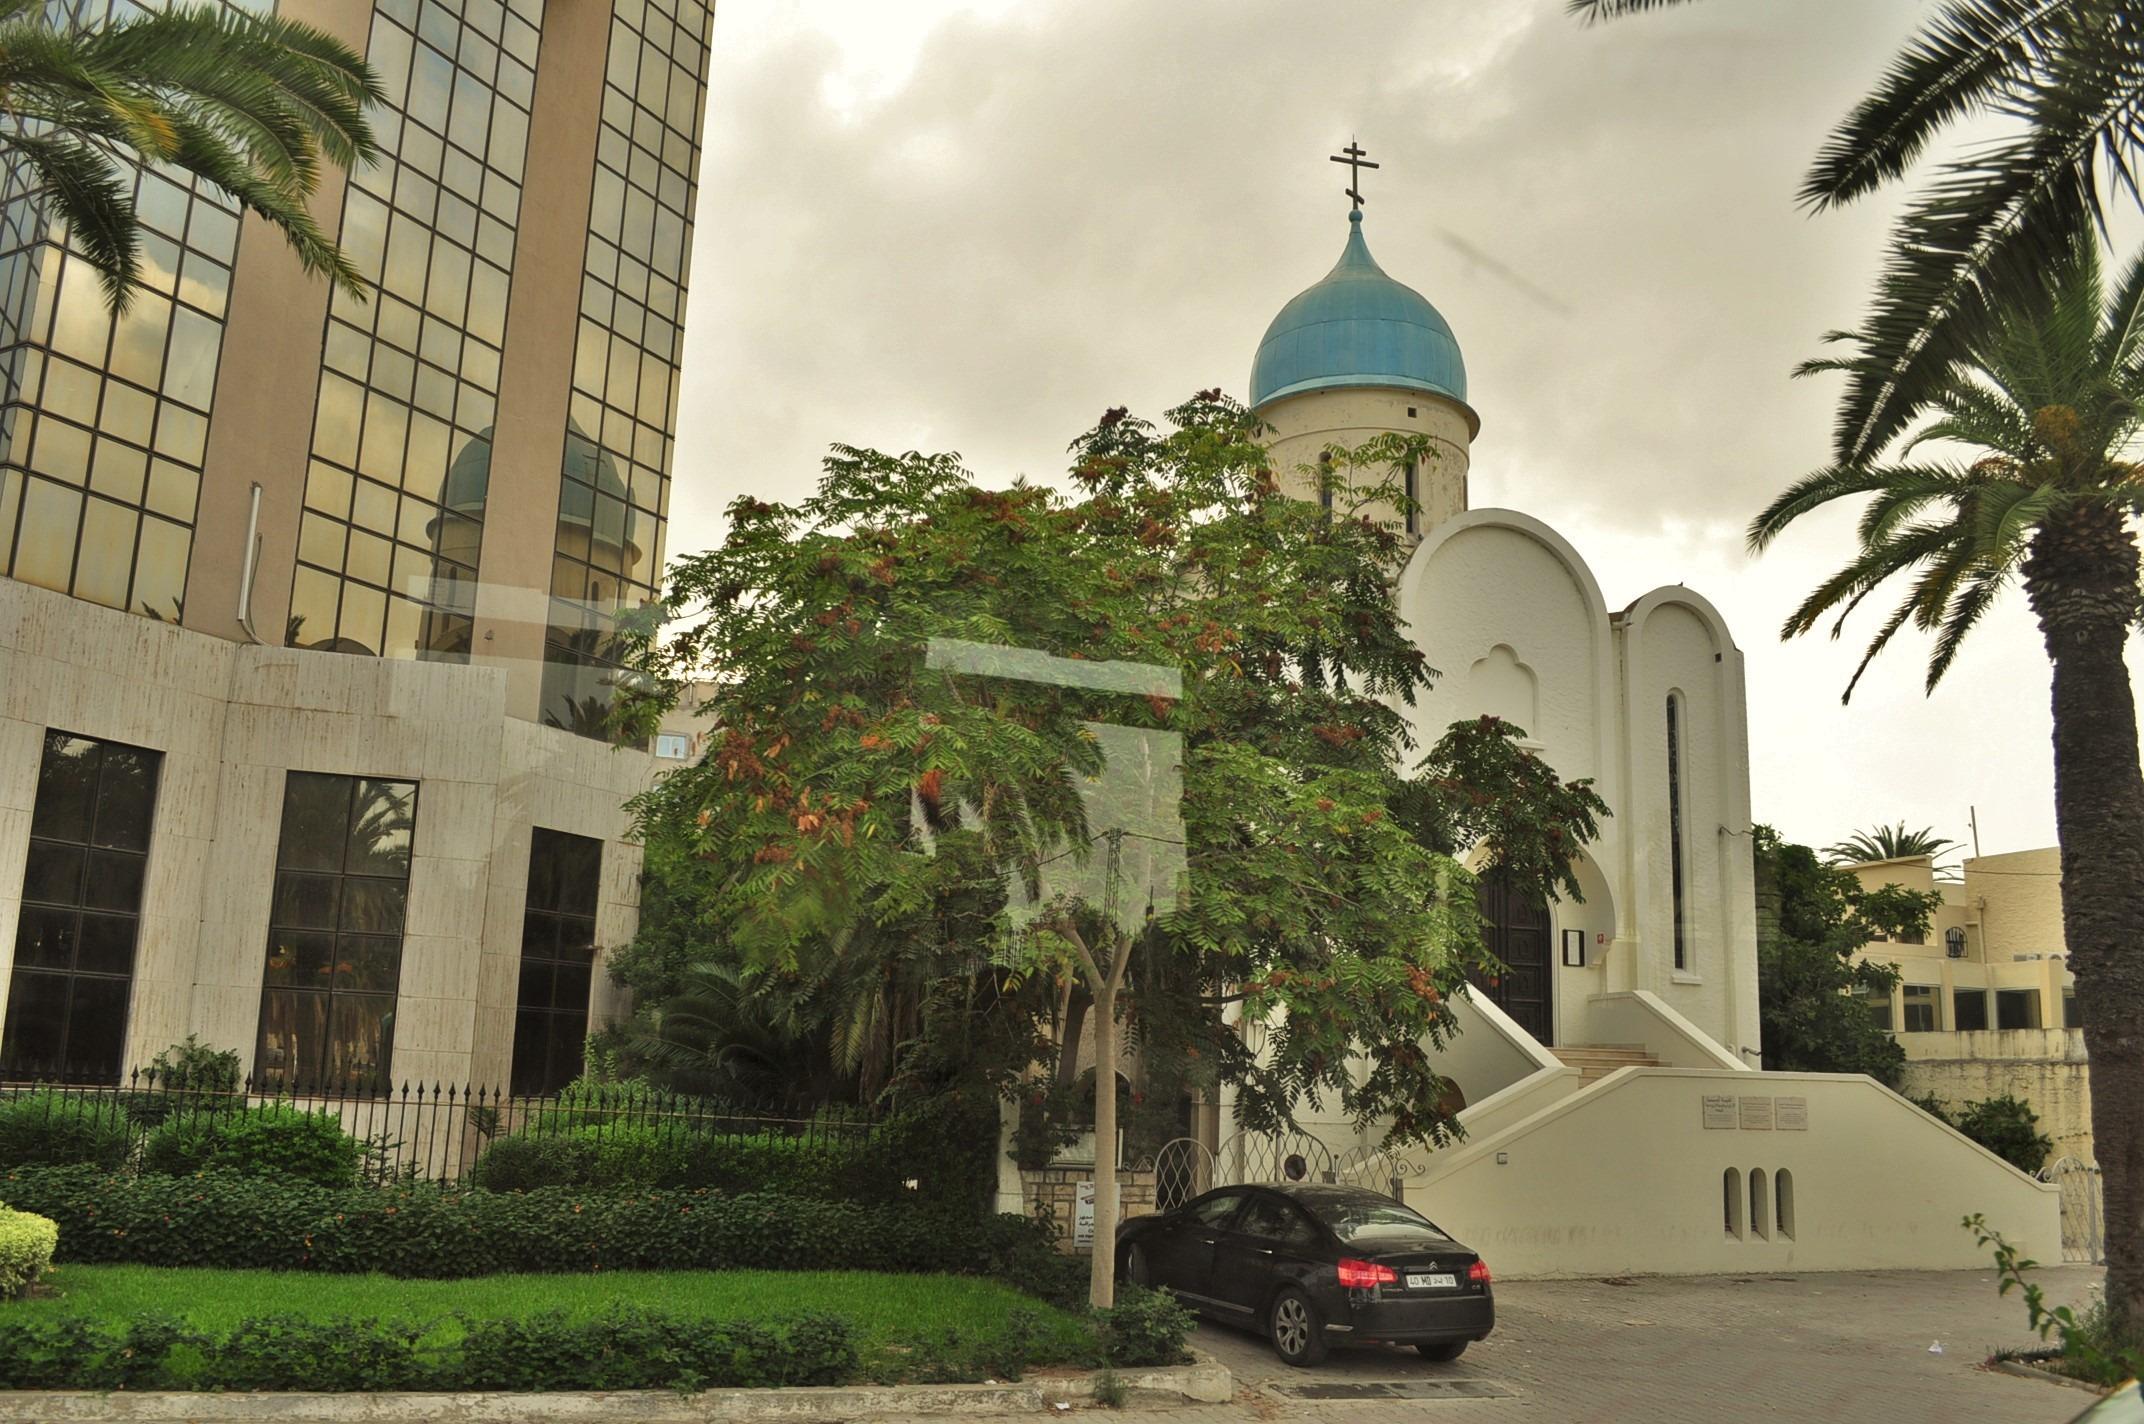 Последни часове в Тунис. Туристическият ни пакет включваше светкавична автобусна разходка из центъра на столицата  От мръсния прозорец се очертава силуетът на православния им храм.